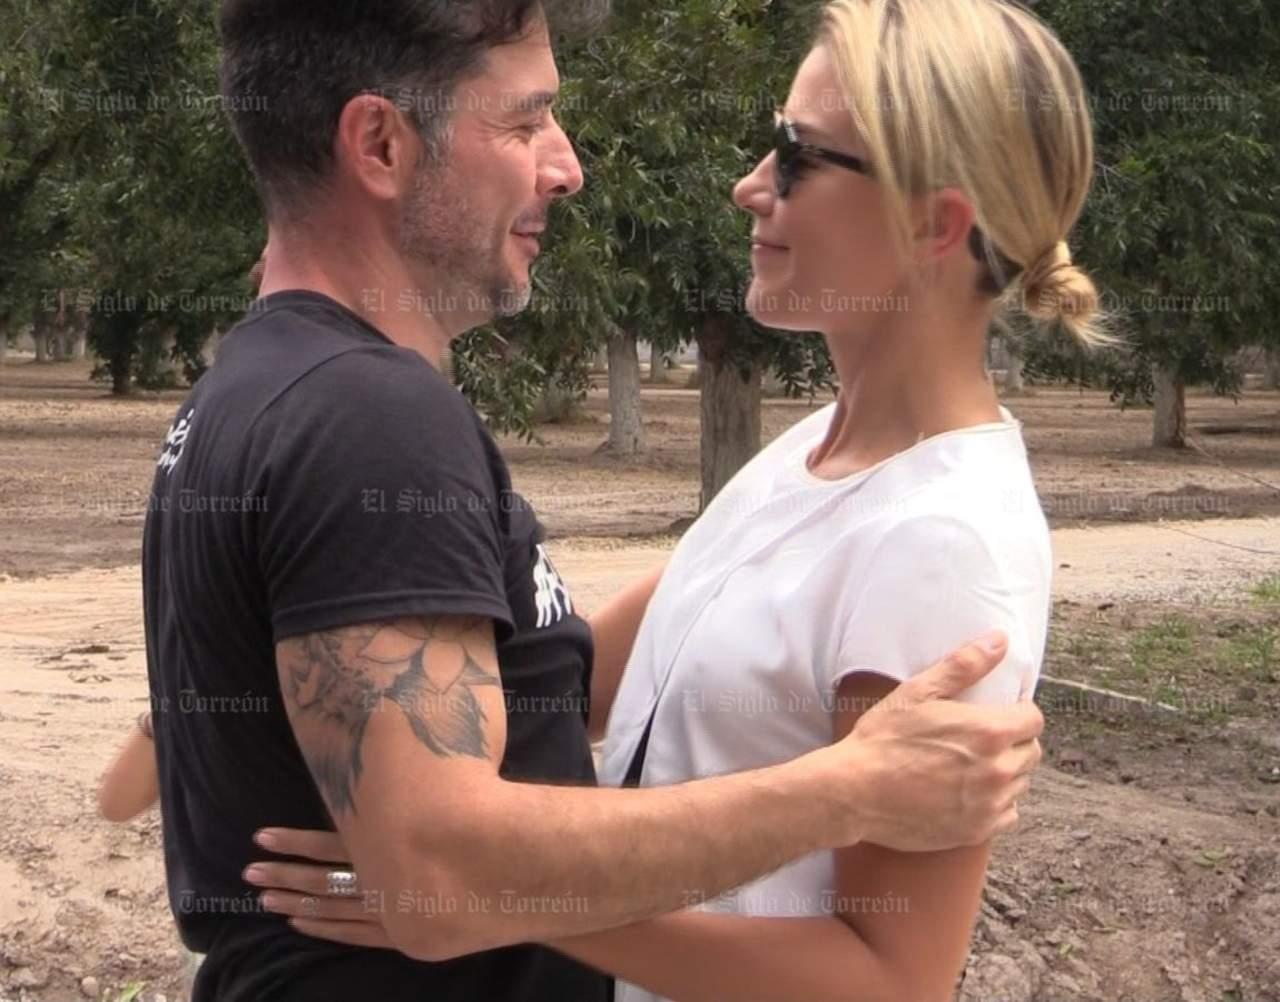 Raúl Méndez y Fernanda Castillo viven emotivo reencuentro en Torreón